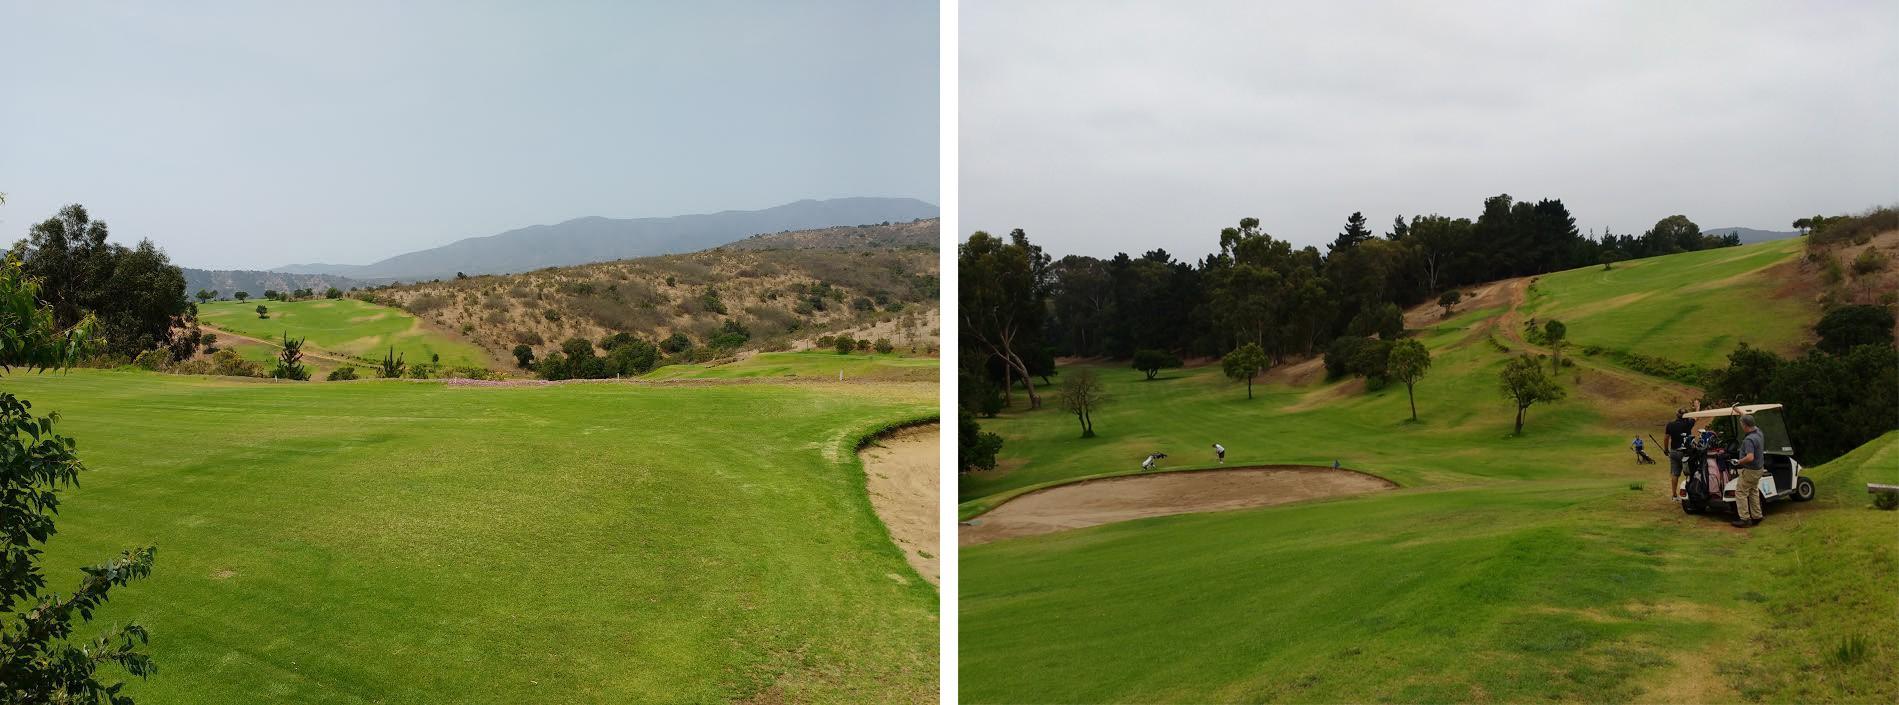 club-de-golf-papudo-canchas